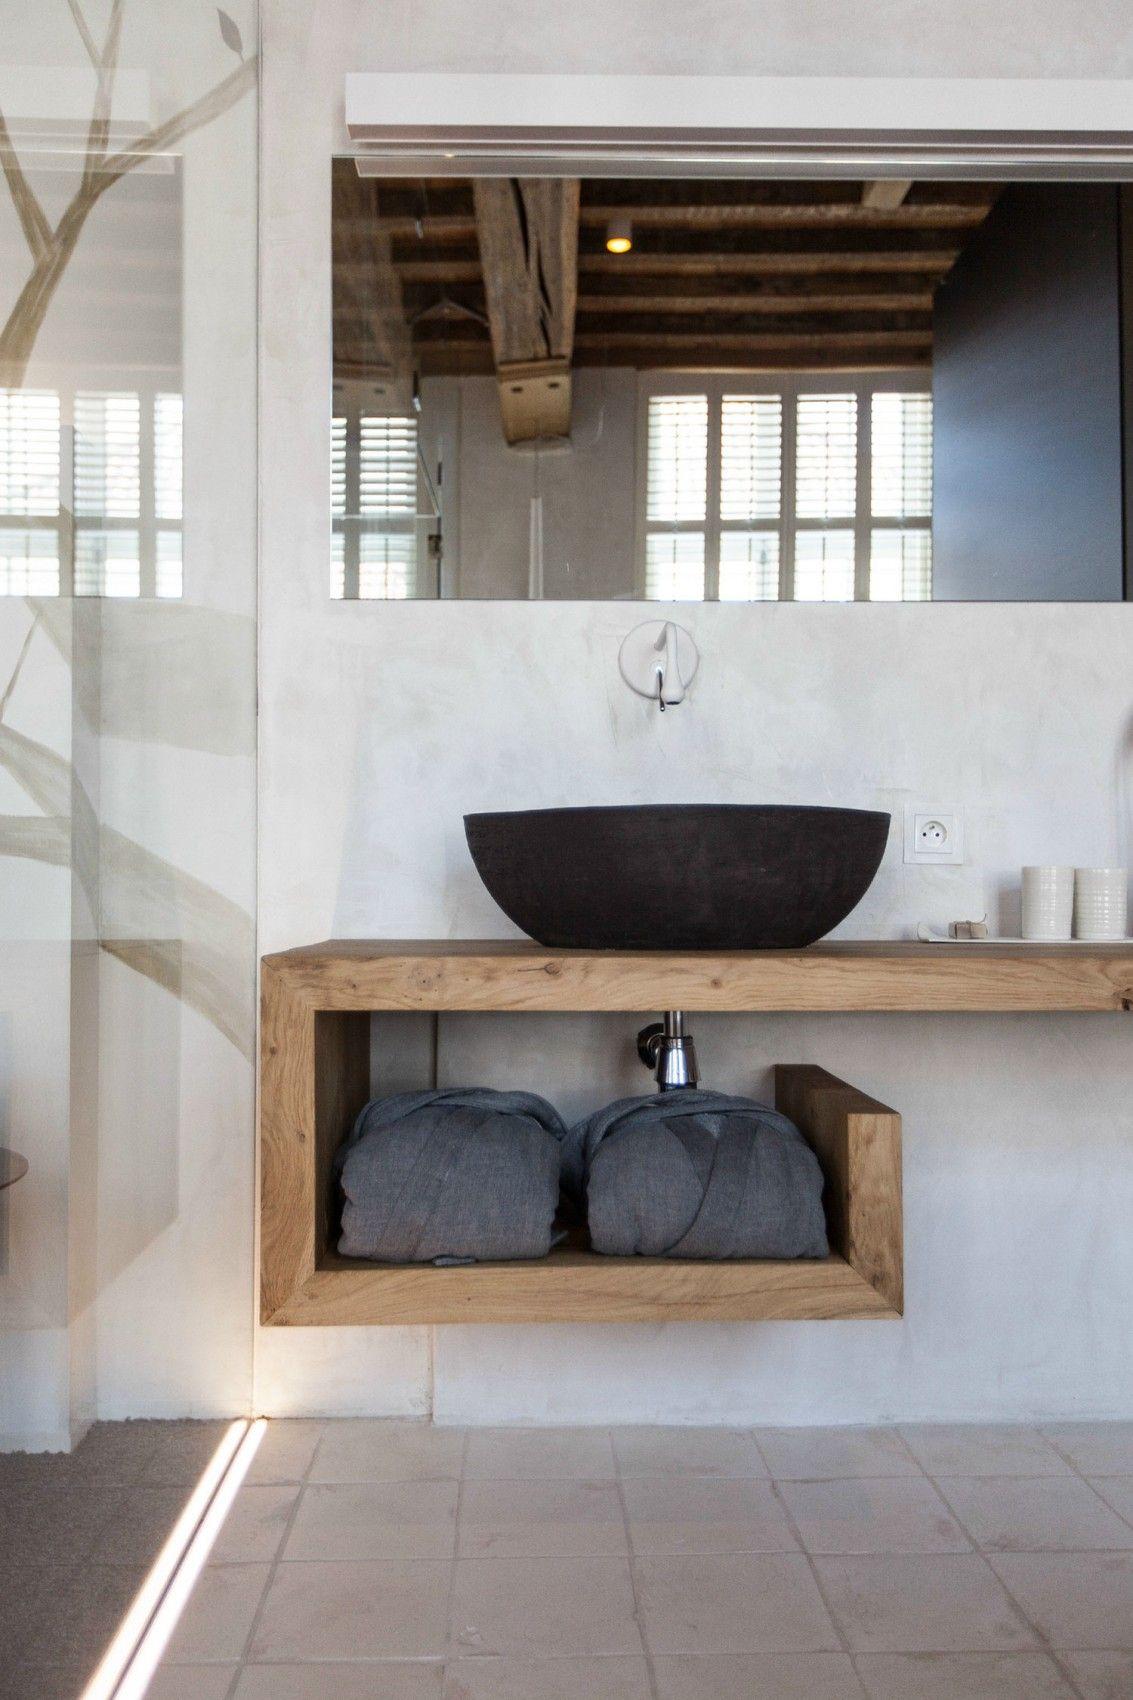 100 Fantastique Concepts Tablette Pour Vasque Salle De Bain